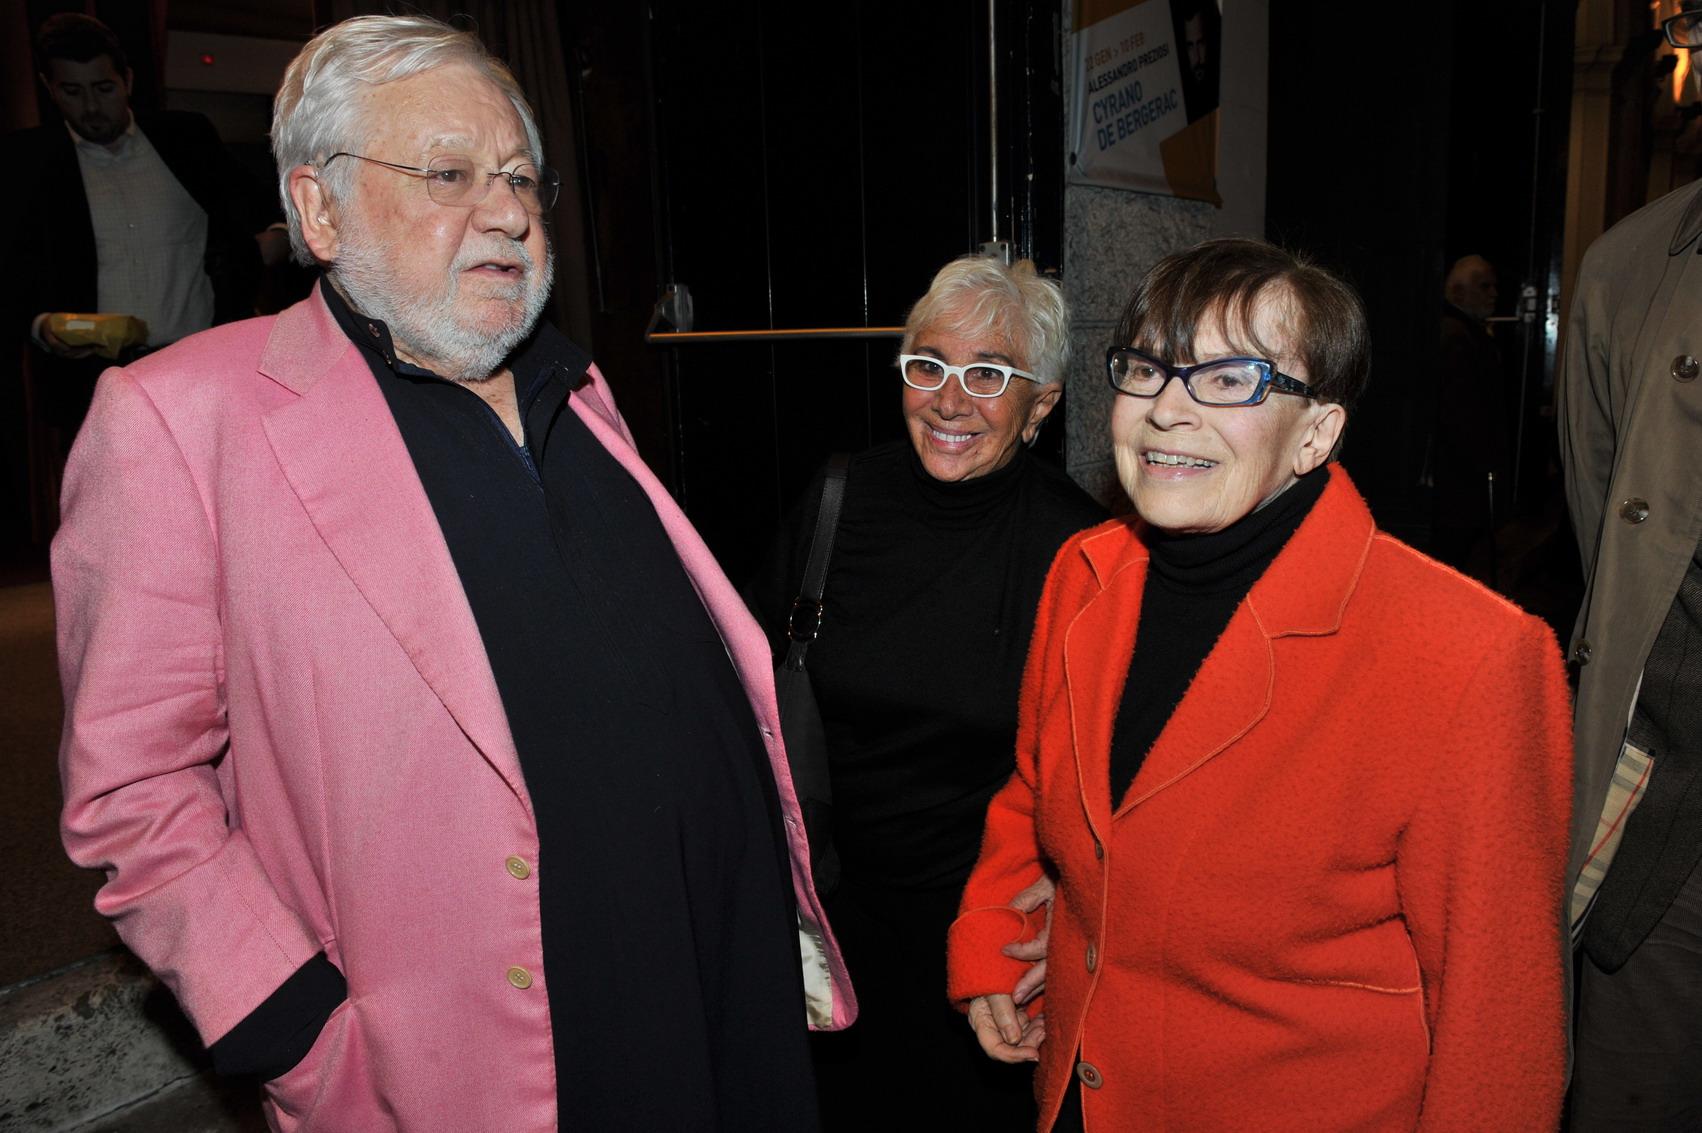 Paolo Villaggio e Lina Wertmüller